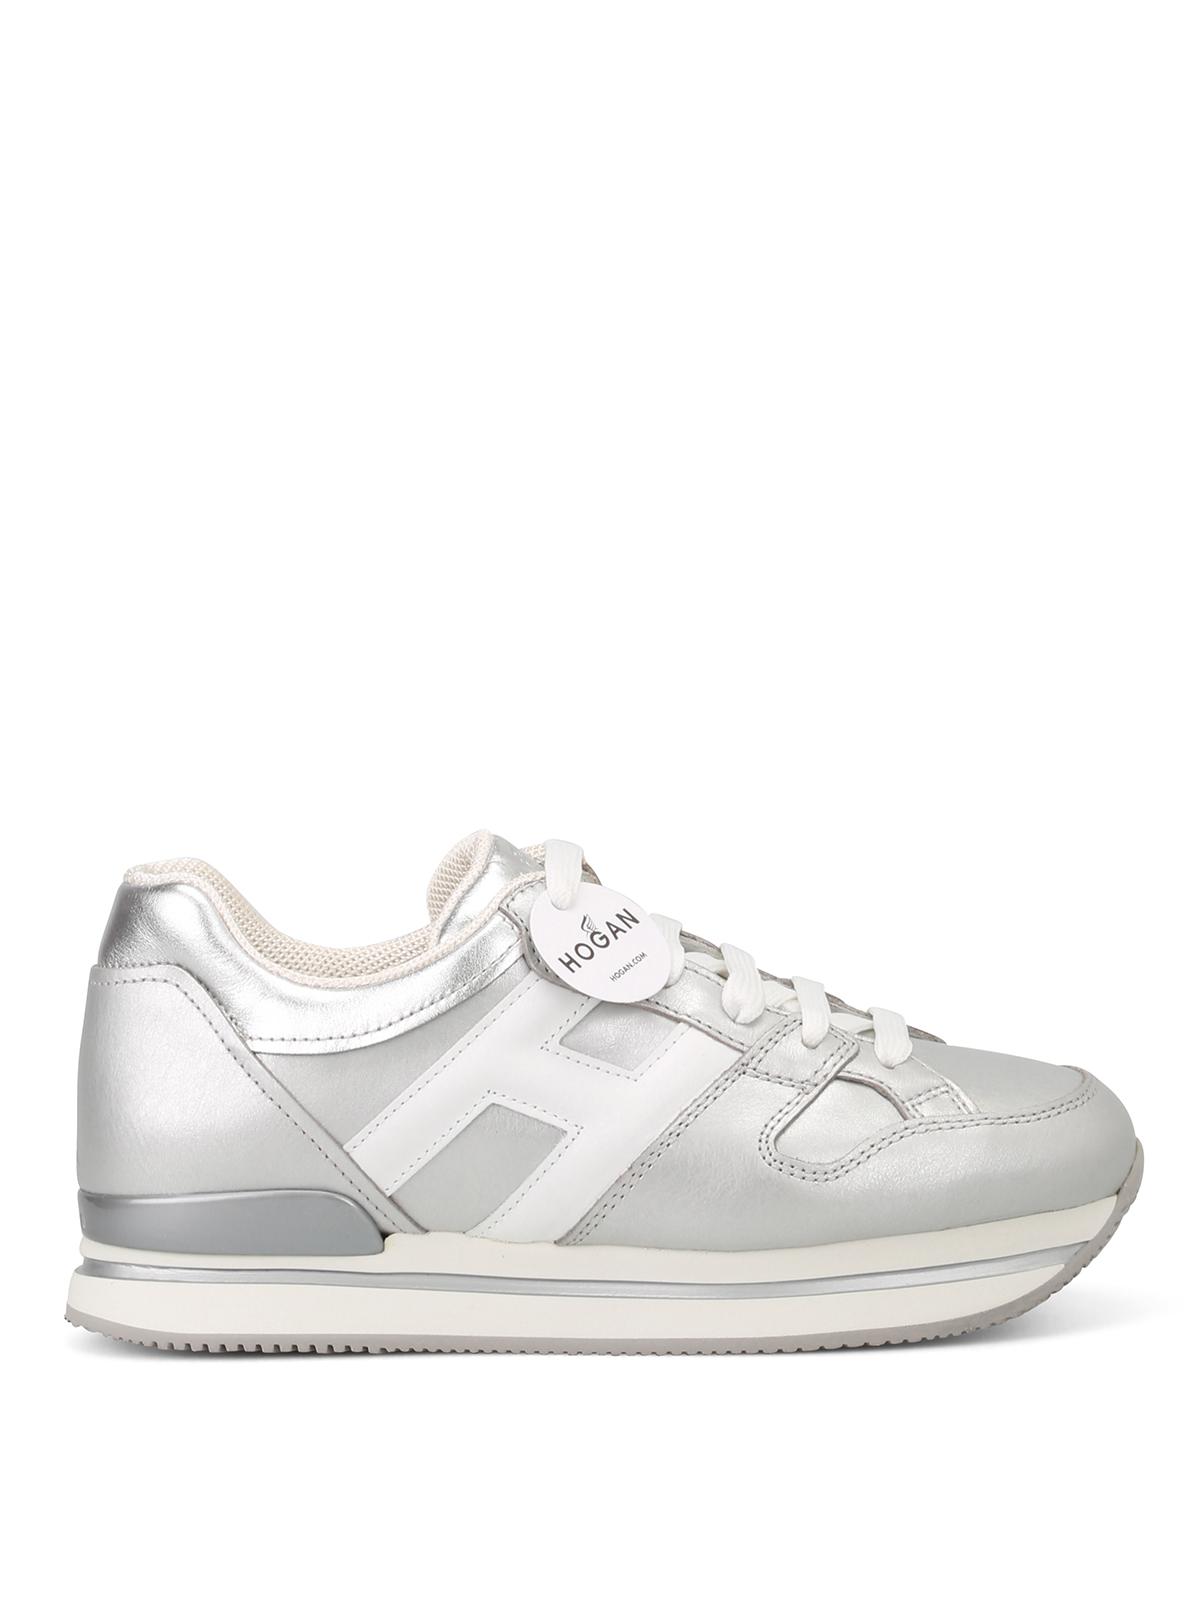 2hogan bianche argento